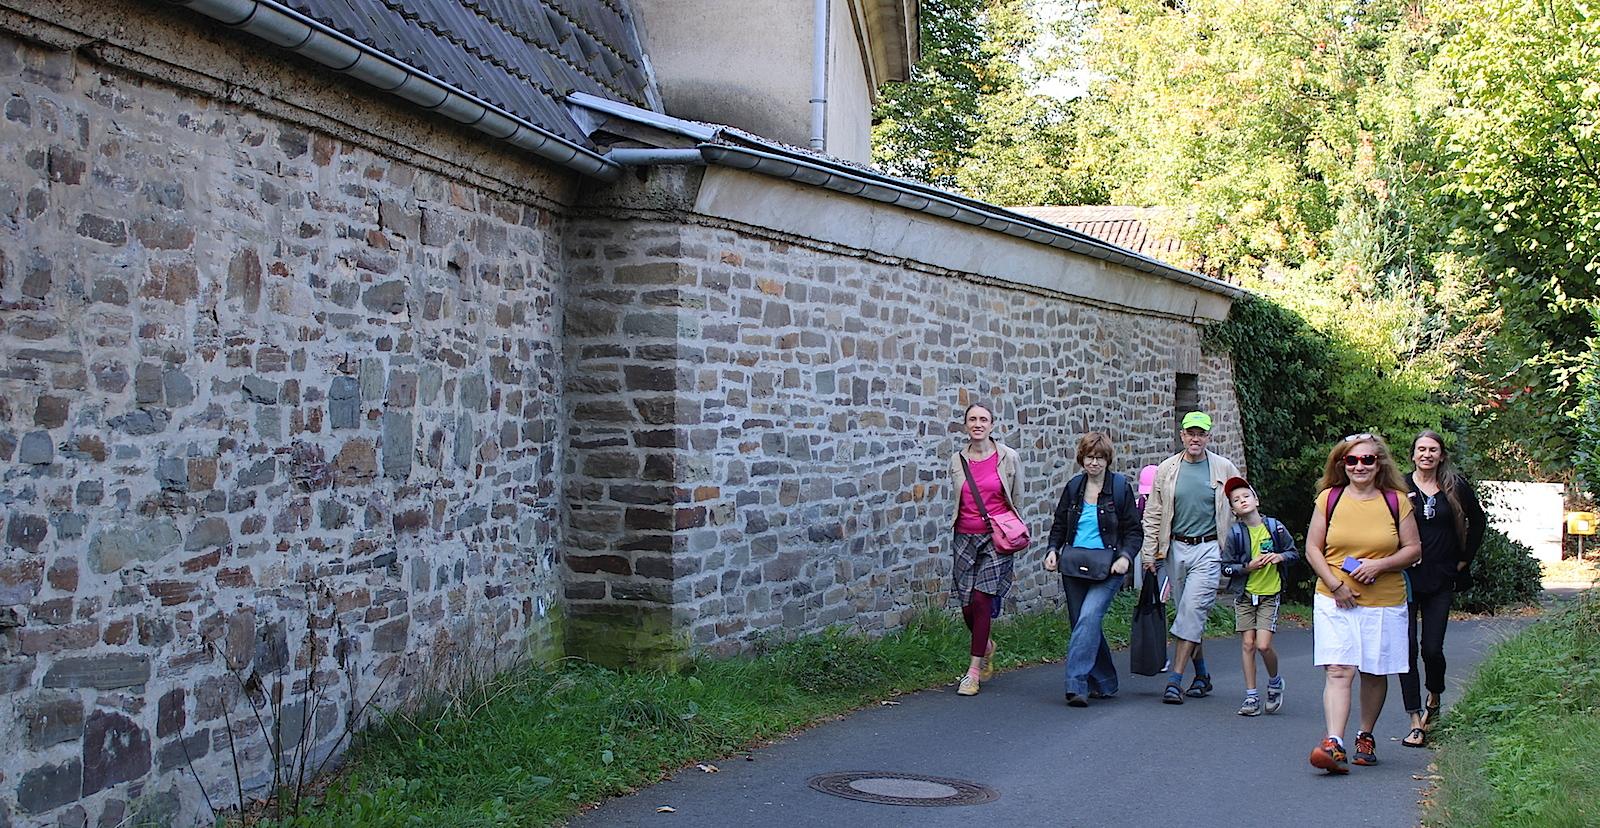 У монастырской стены Мертена.